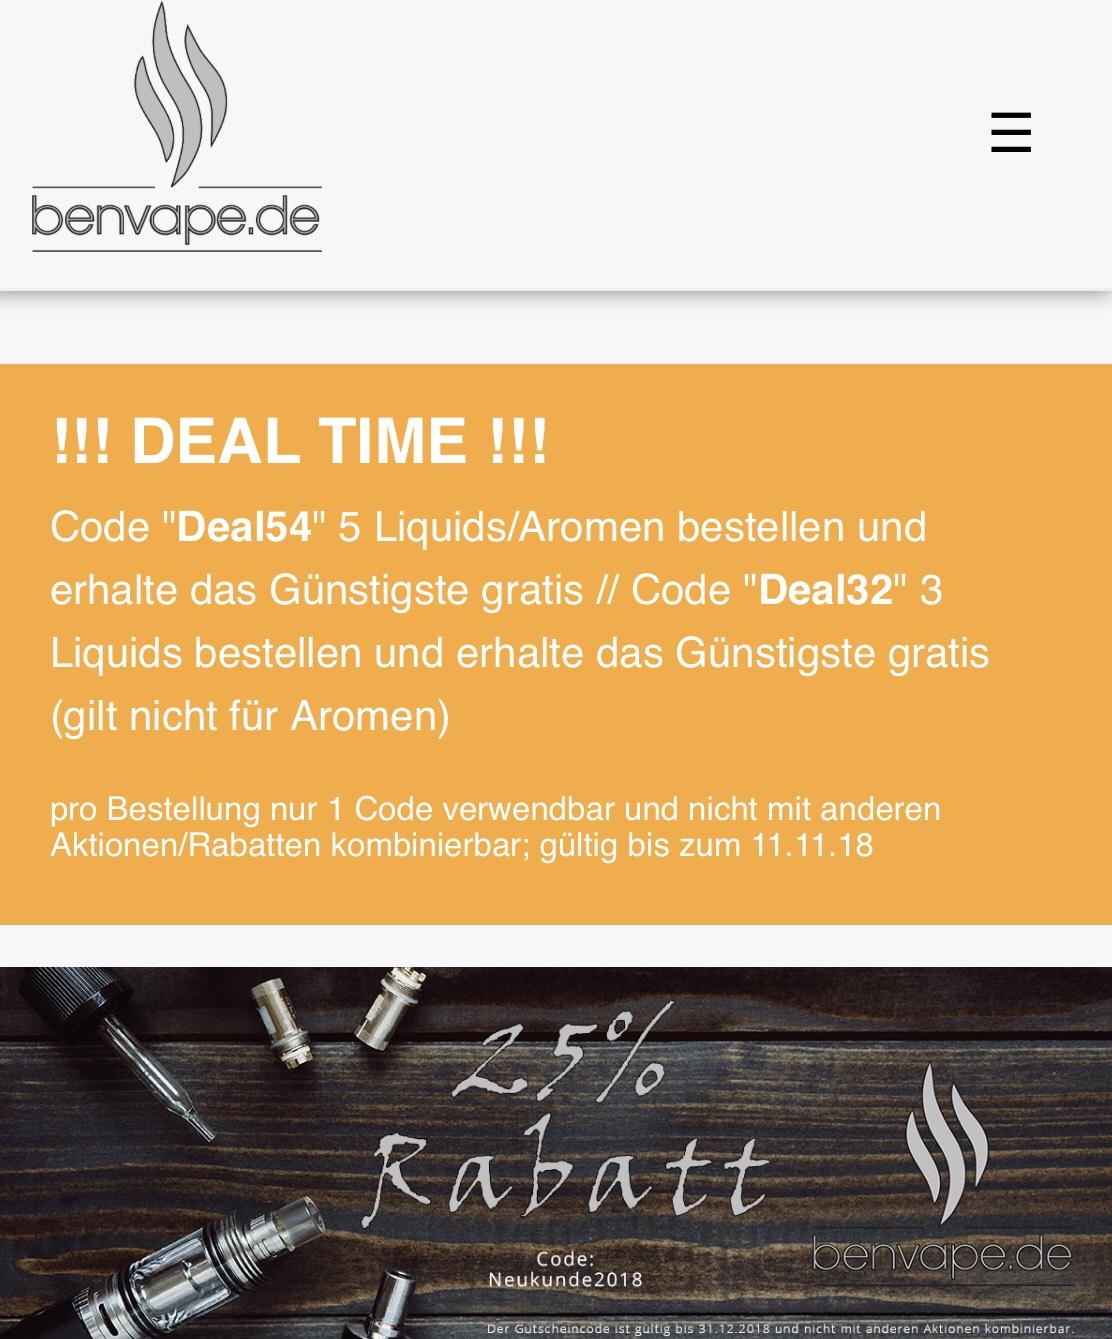 Benvape - 5 Liquids/Aromen kaufen, das Günstigste gratis erhalten